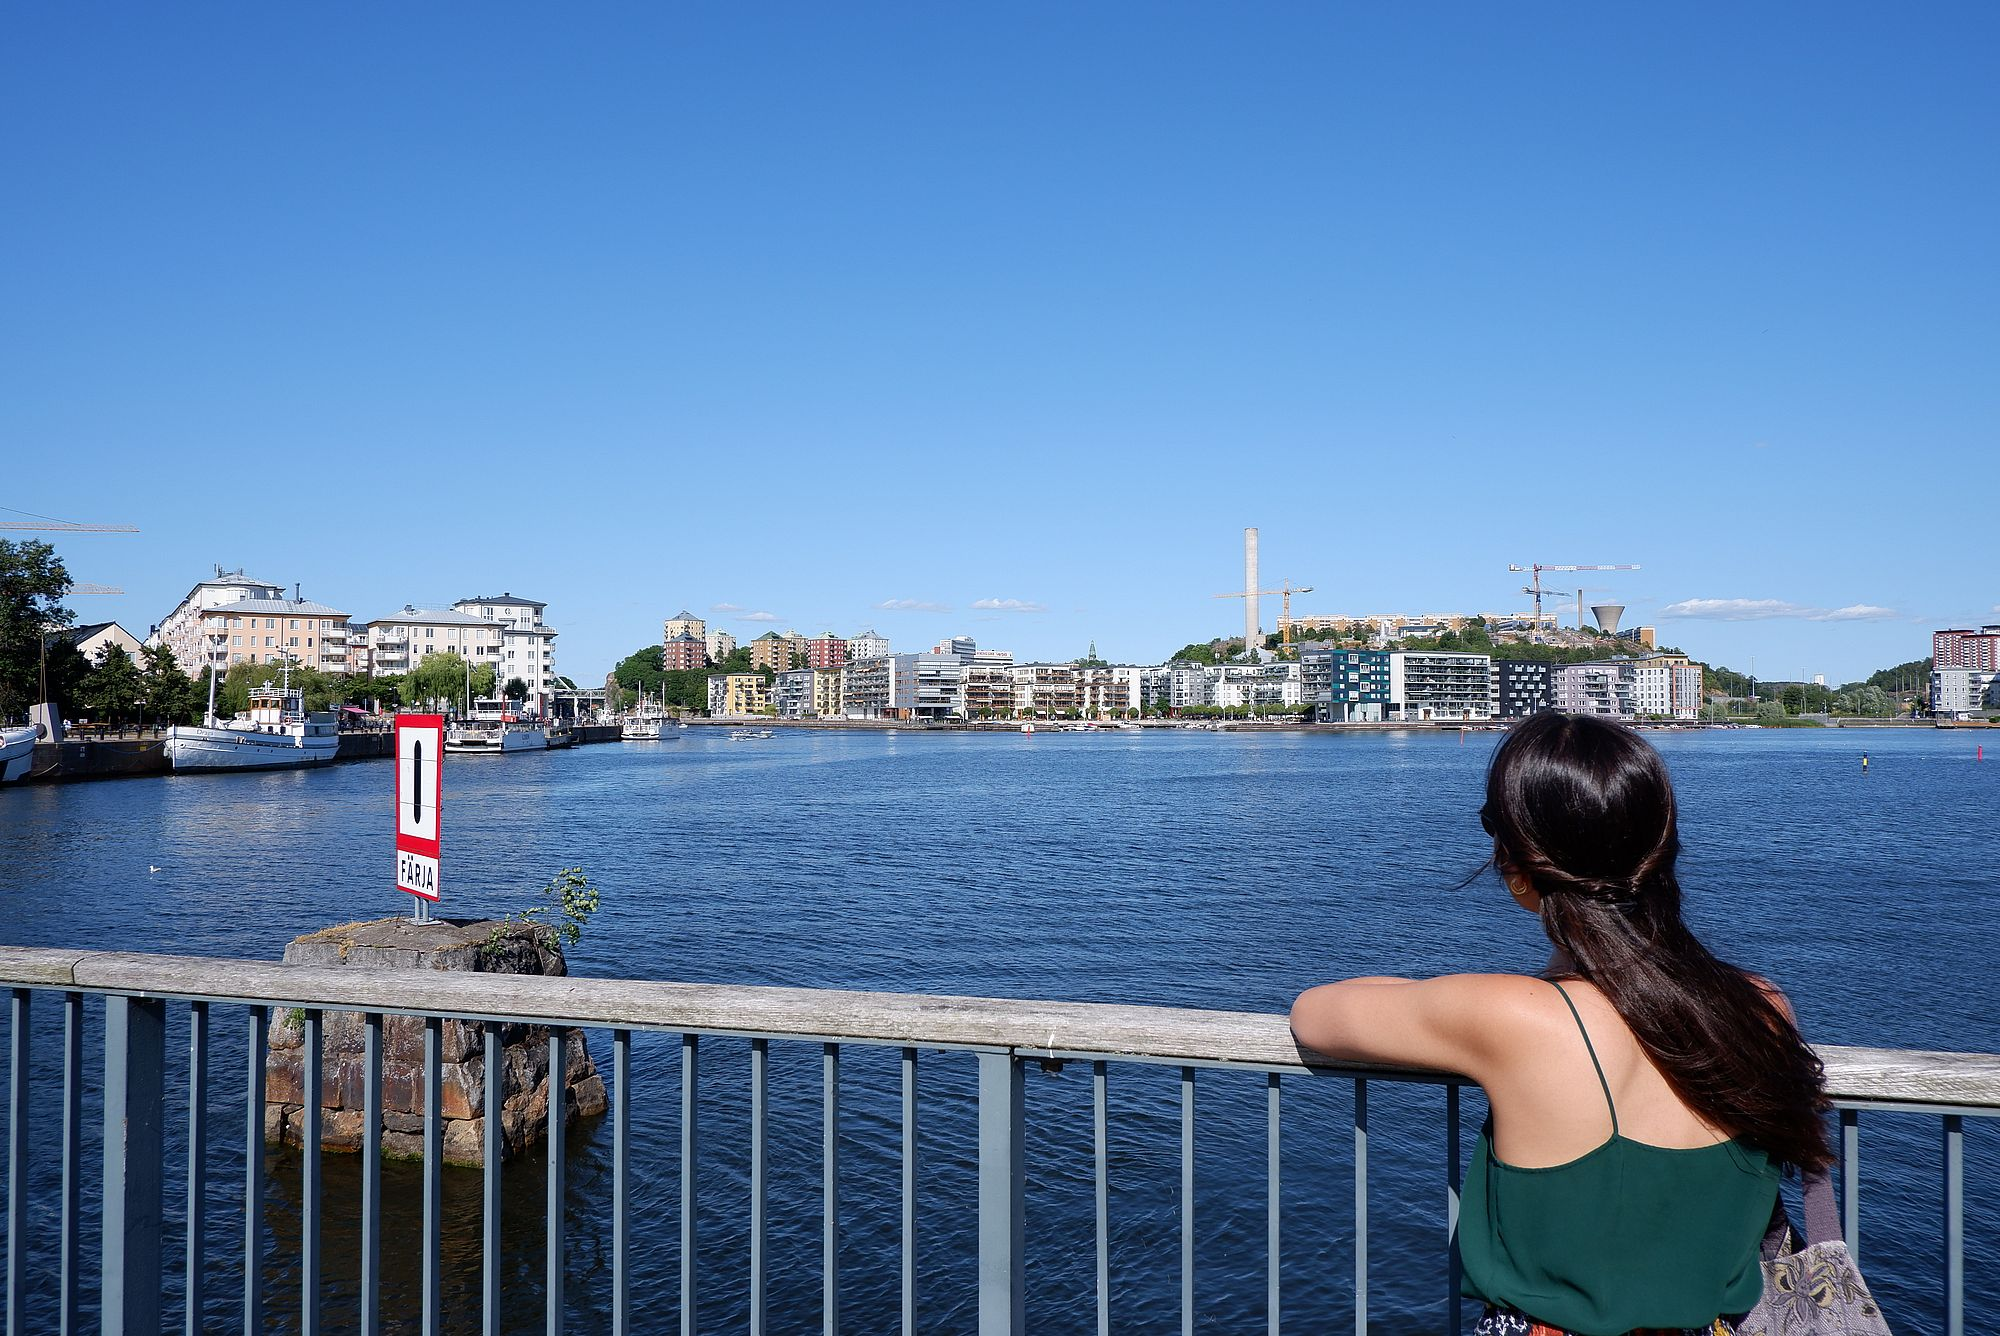 Marina appuyée contre une rambarde au bord de l'eau à Stockholm.